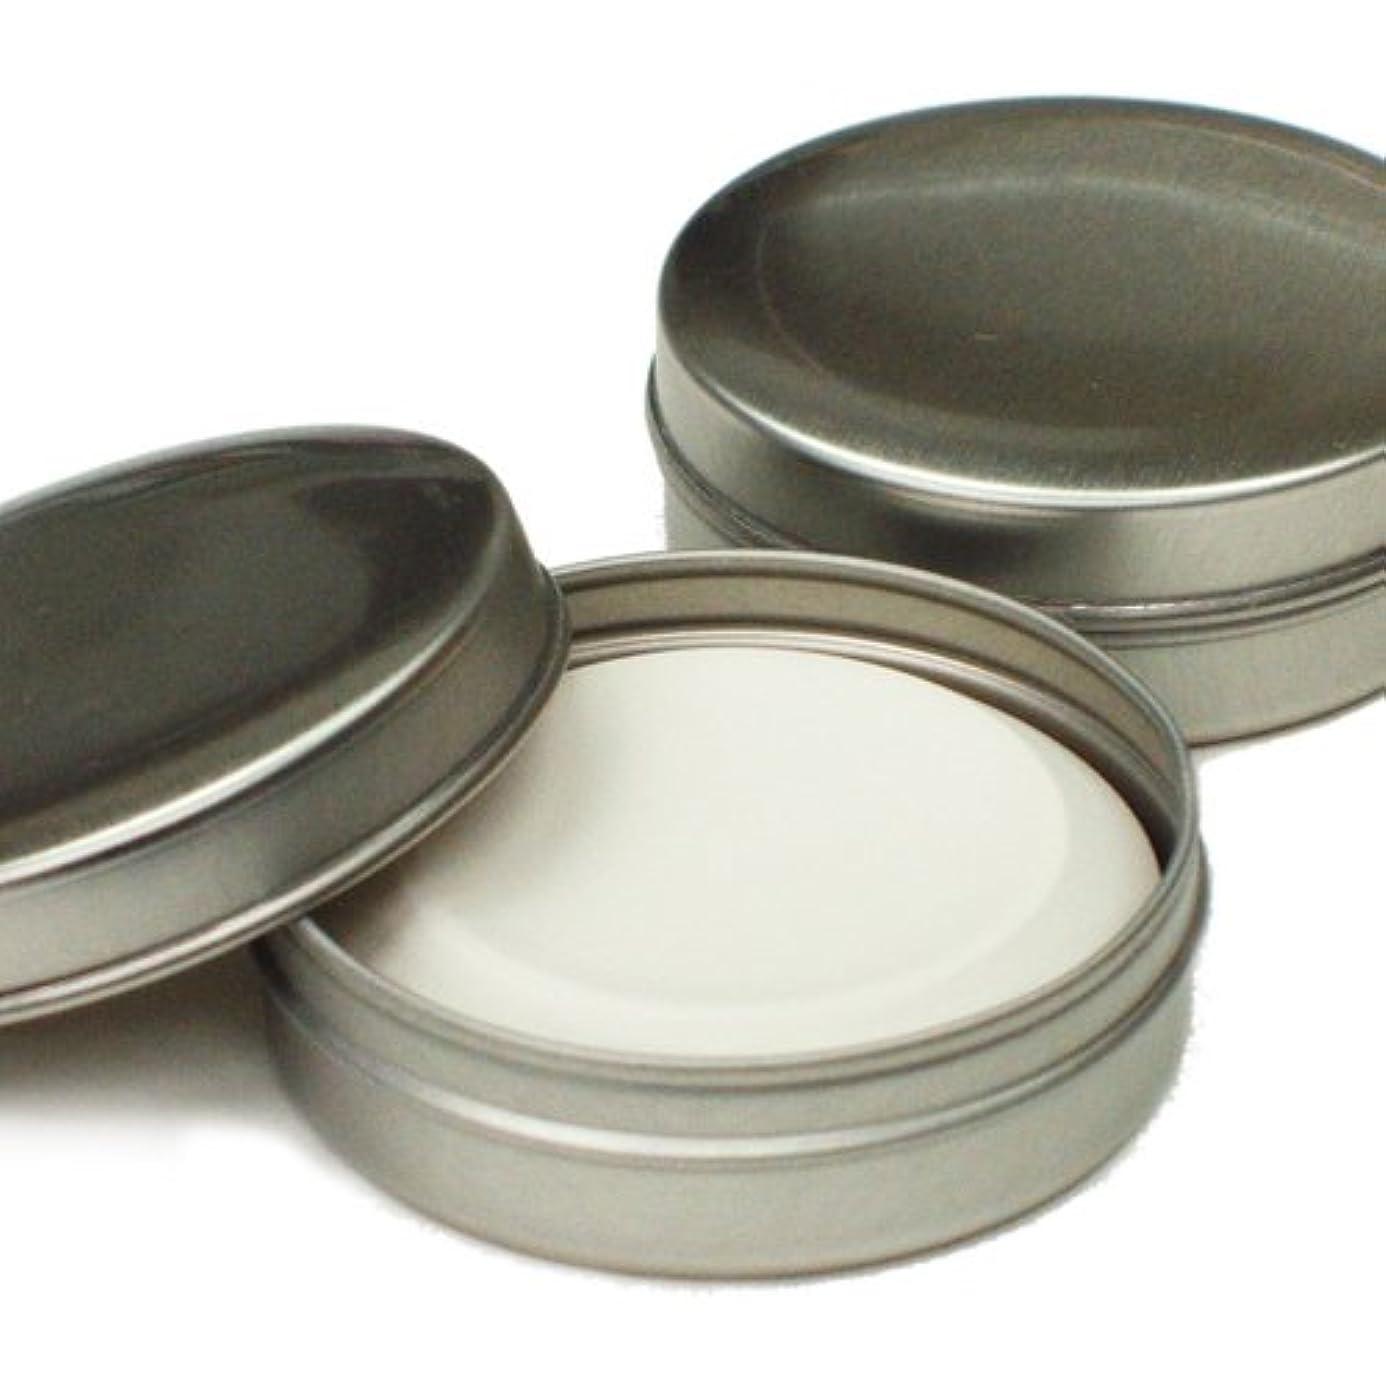 ヒギンズ質量厄介なアロマストーン アロマプレート アルミ缶入 2個セット 日本製 素焼き 陶器 アロマディフューザー